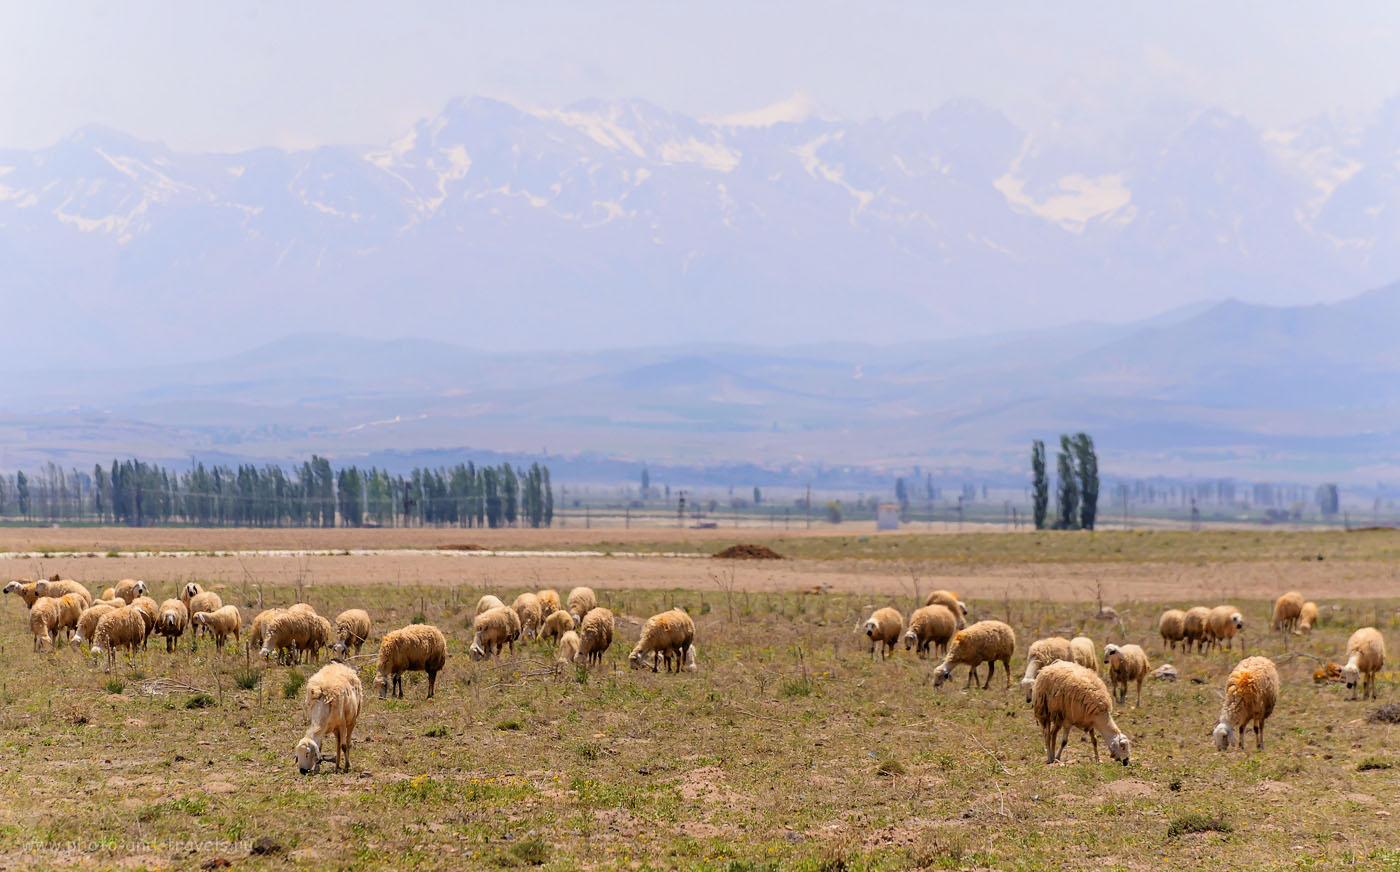 Фото 2. Отара на фоне горного массива Аладаглар (Aladağlar). Отзывы туристов из России об отдыхе в Турции. Снято на полнокадровый фотоаппарат Nikon D610 с телеобъективом Nikon 70-300mm f/4.5-5.6G ED-IF AF-S VR Zoom-Nikkor. Настройки: выдержка 1/1600 секунды, экспокоррекция +0,33 EV, диафрагма f/8.0, ИСО 500, фокусное расстояние 240 мм.